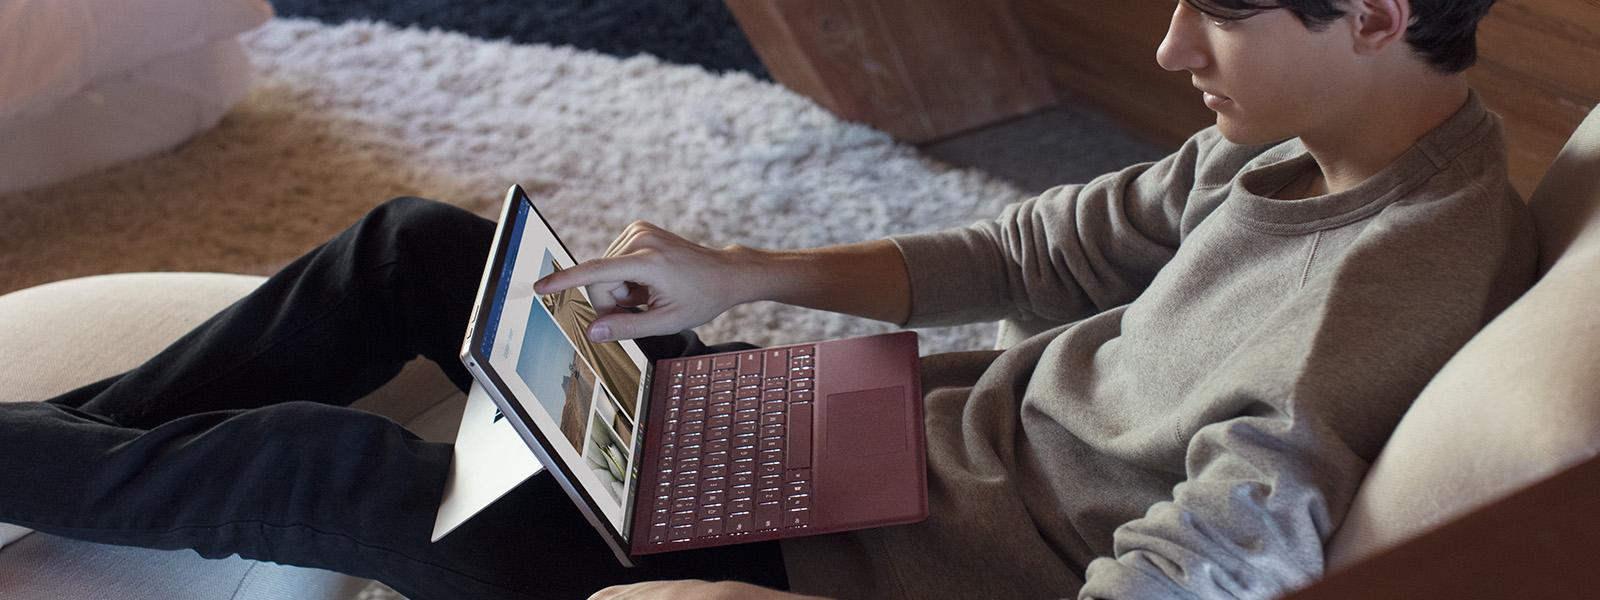 Surface Pro Firma Tipo de cubierta